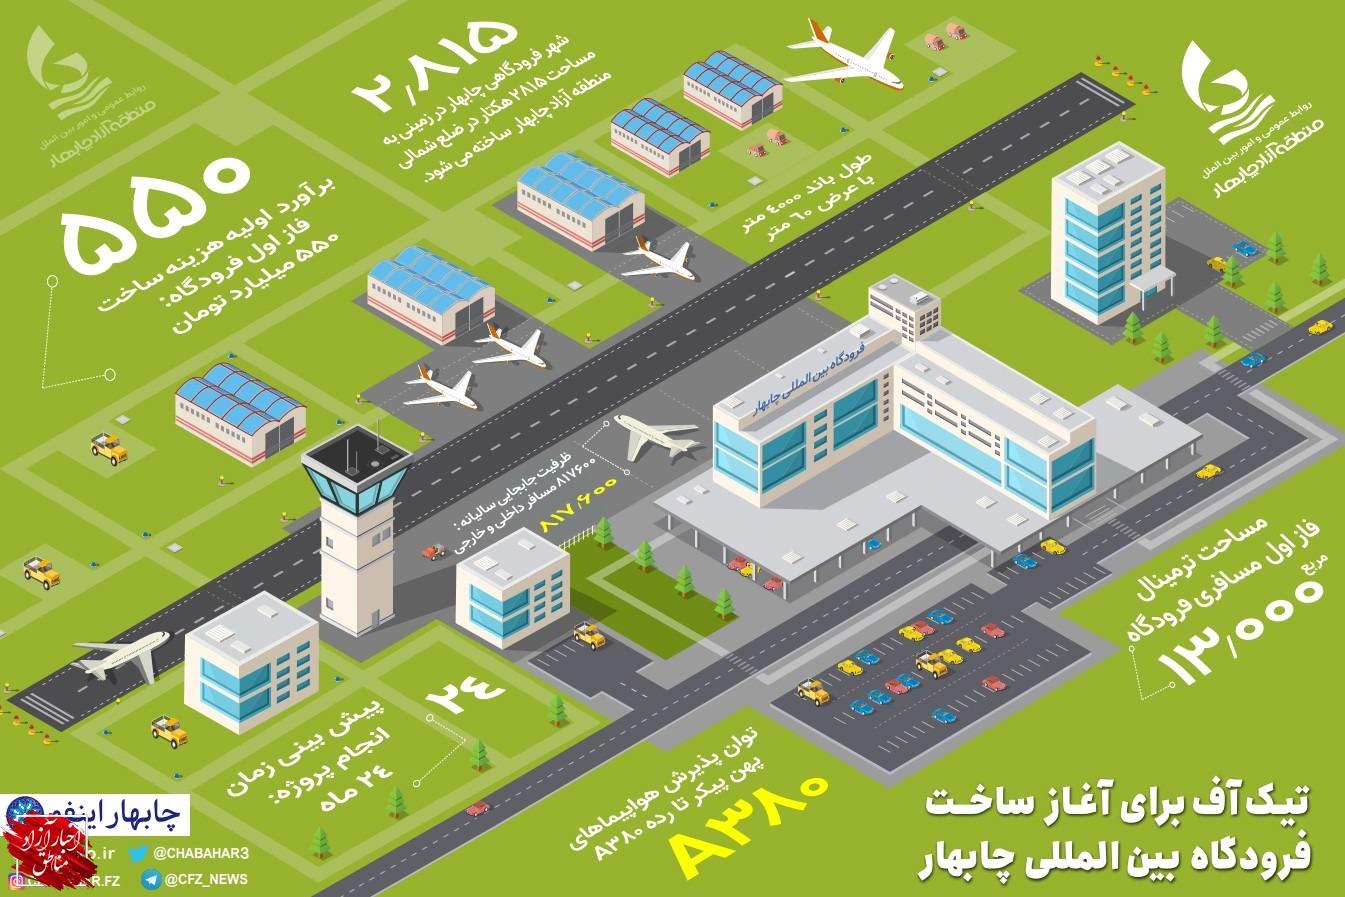 پرواز توسعه در چابهار تا ۱۴۰۰